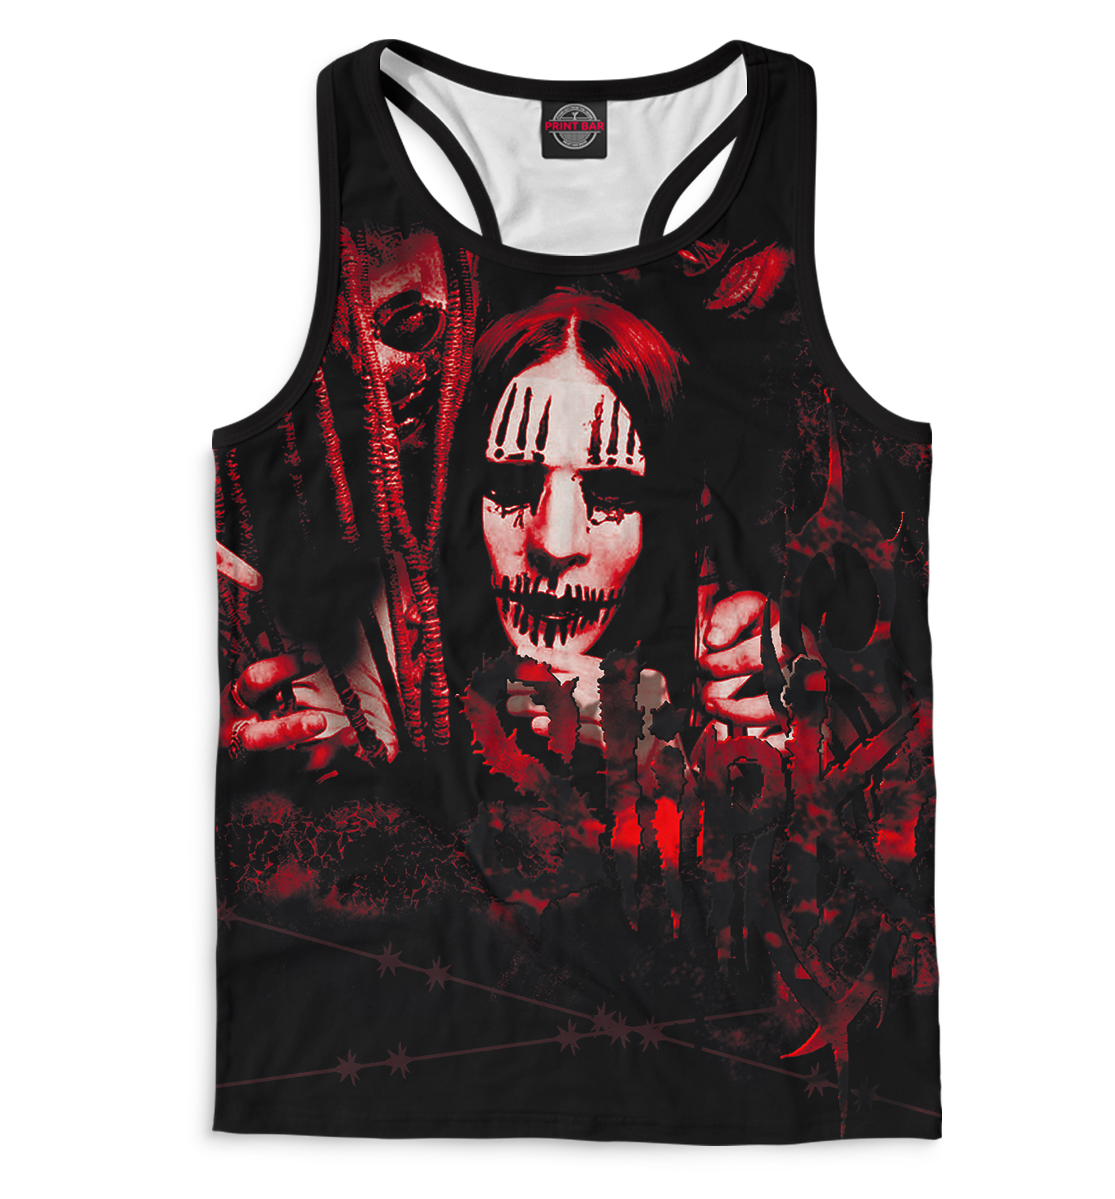 Купить Slipknot, Printbar, Майки борцовки, SLI-350120-mayb-2